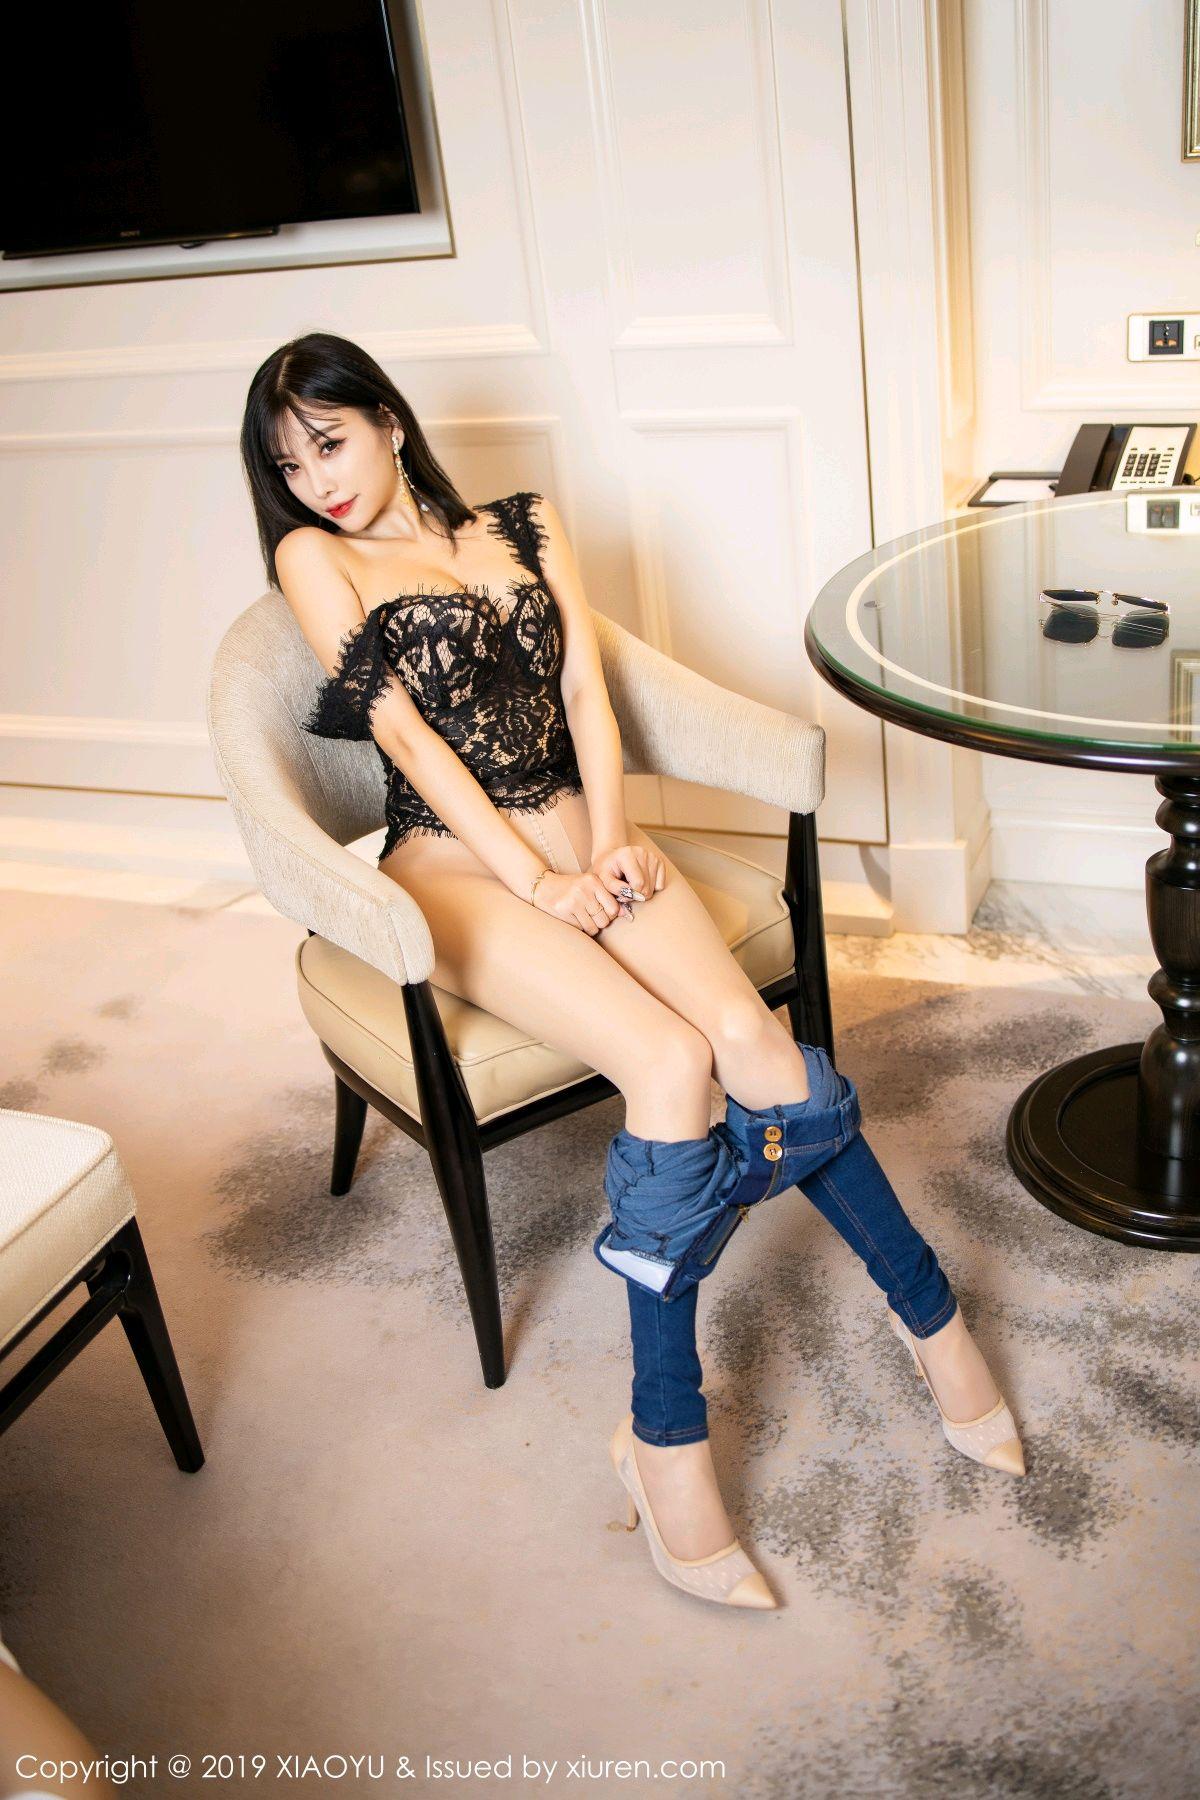 [XiaoYu] Vol.157 Yang Chen Chen 41P, XiaoYu, Yang Chen Chen